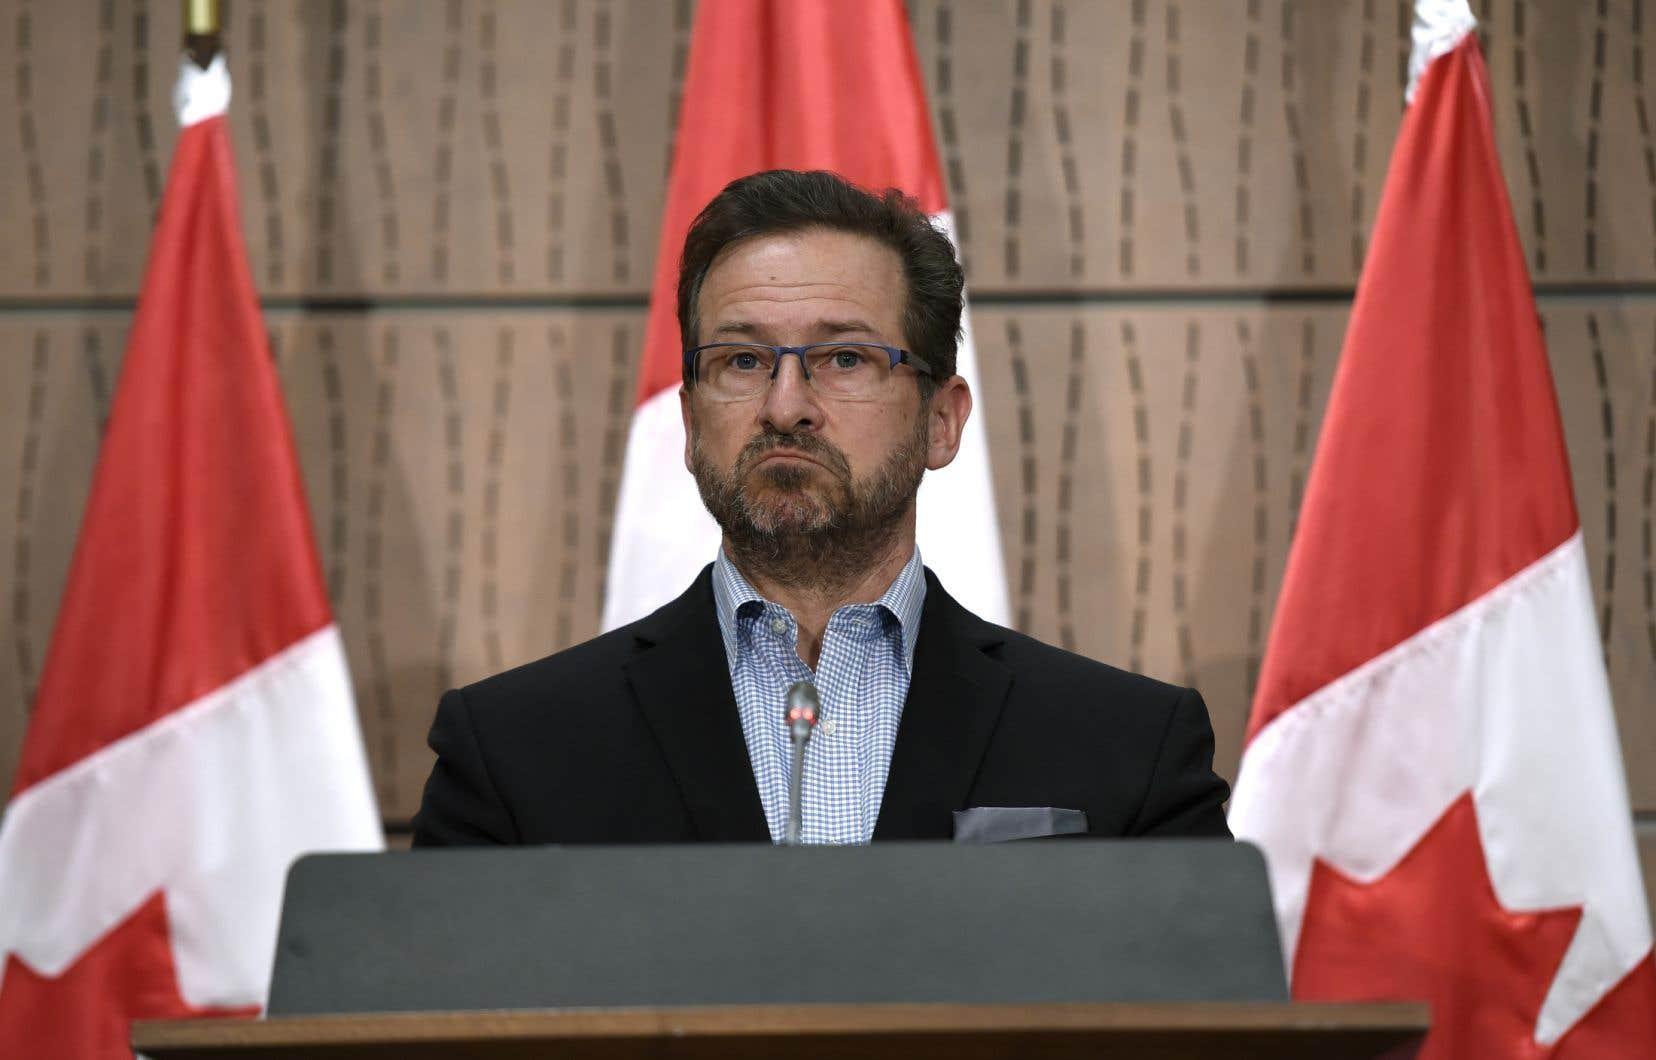 Seul le Bloc québécois ne demandera pas l'aide financière du fédéral, jugeant le geste inapproprié.